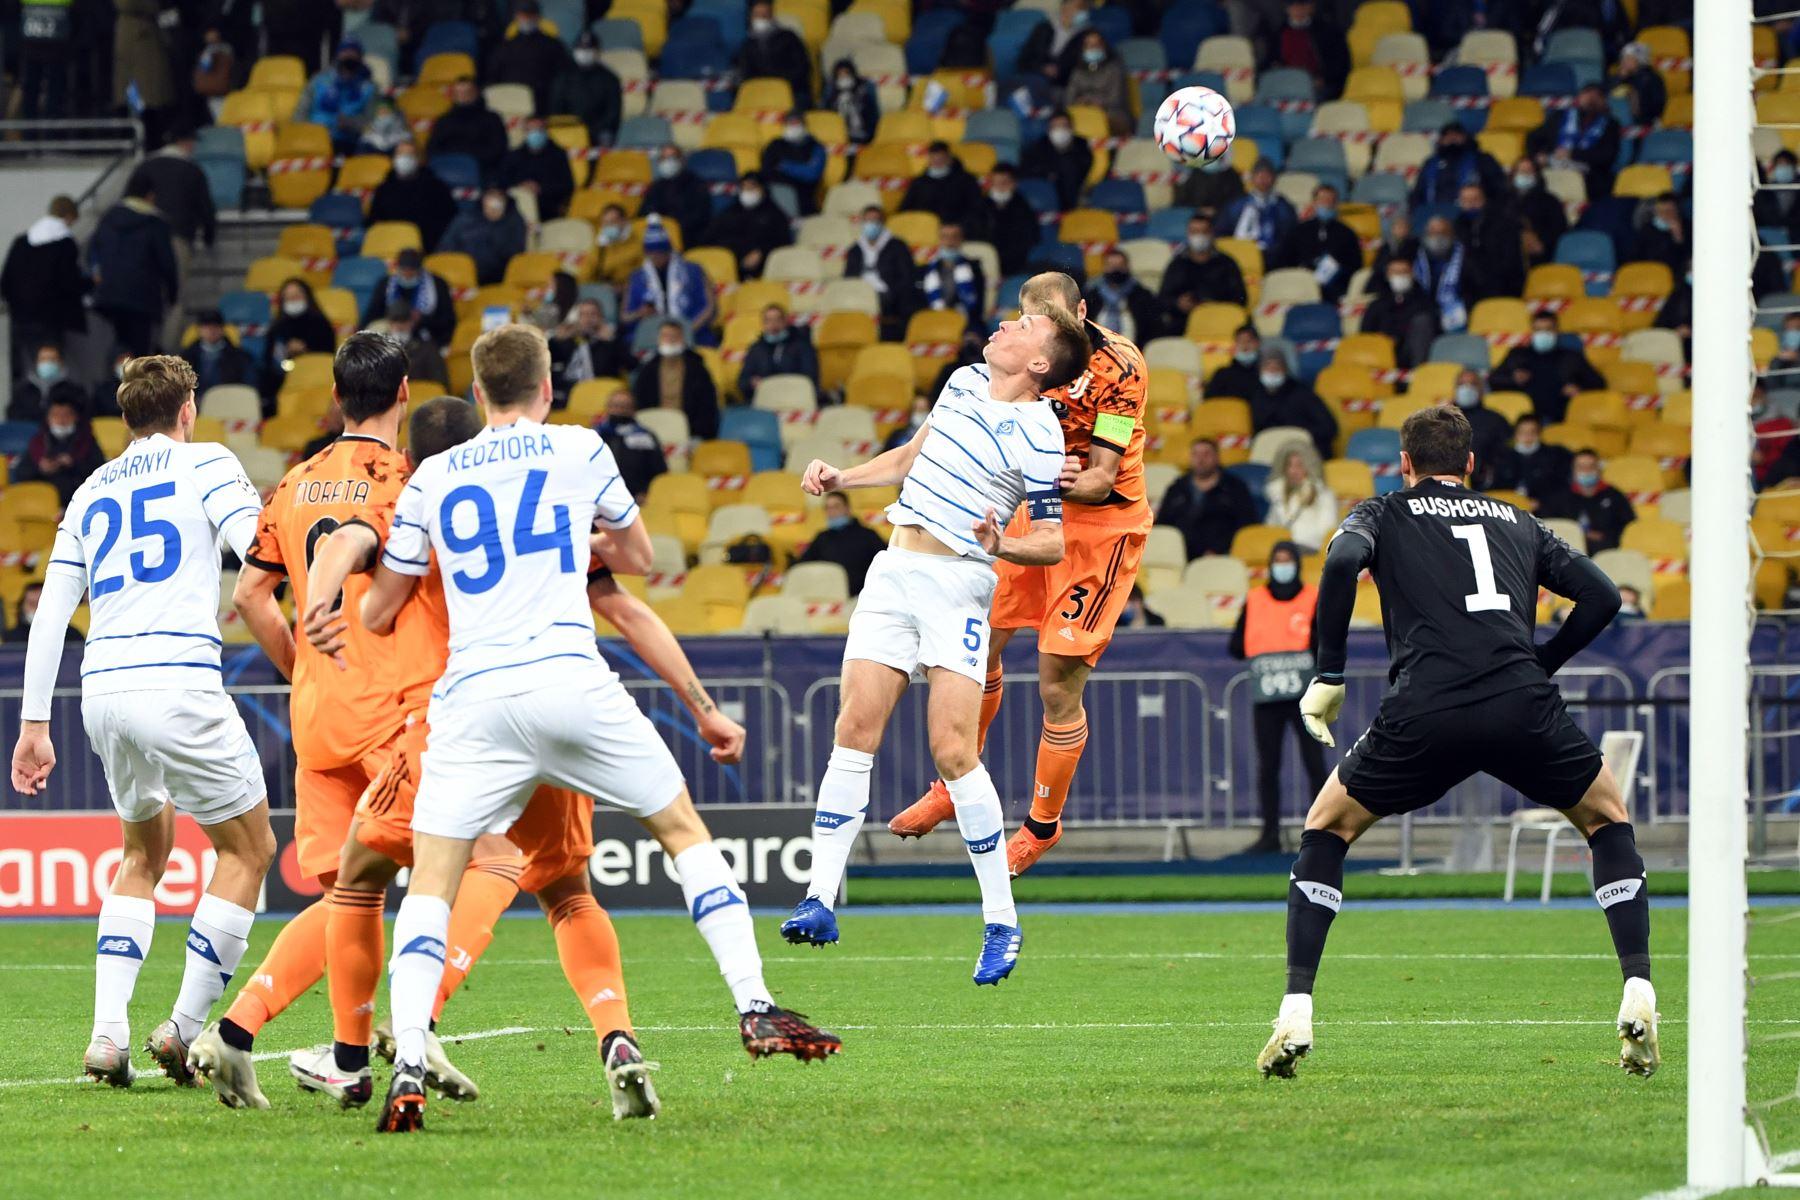 El mediocampista ucraniano del Dynamo Kiev Serhiy Sydorchuk y el defensor italiano de la Juventus, Giorgio Chiellini, compiten por el balón durante el partido de fútbol del grupo G de la Liga de Campeones de la UEFA. Foto: AFP